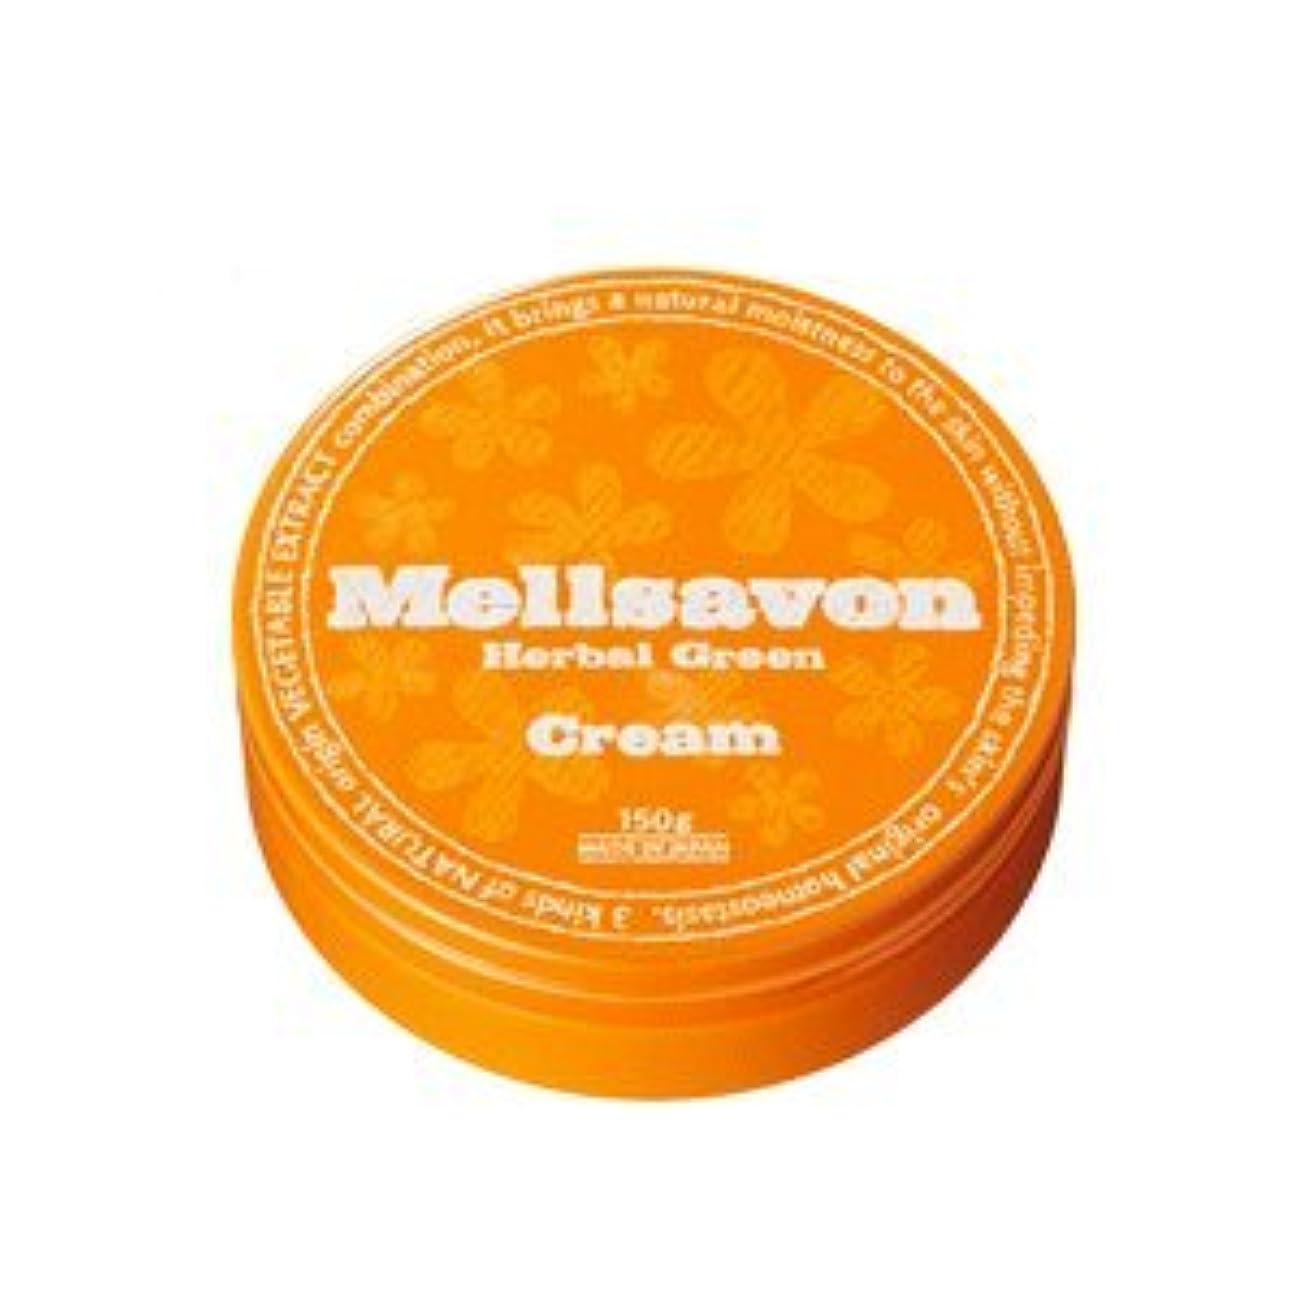 代表して戸口返還メルサボン スキンケアクリーム ハーバルグリーンの香り 大缶 150g